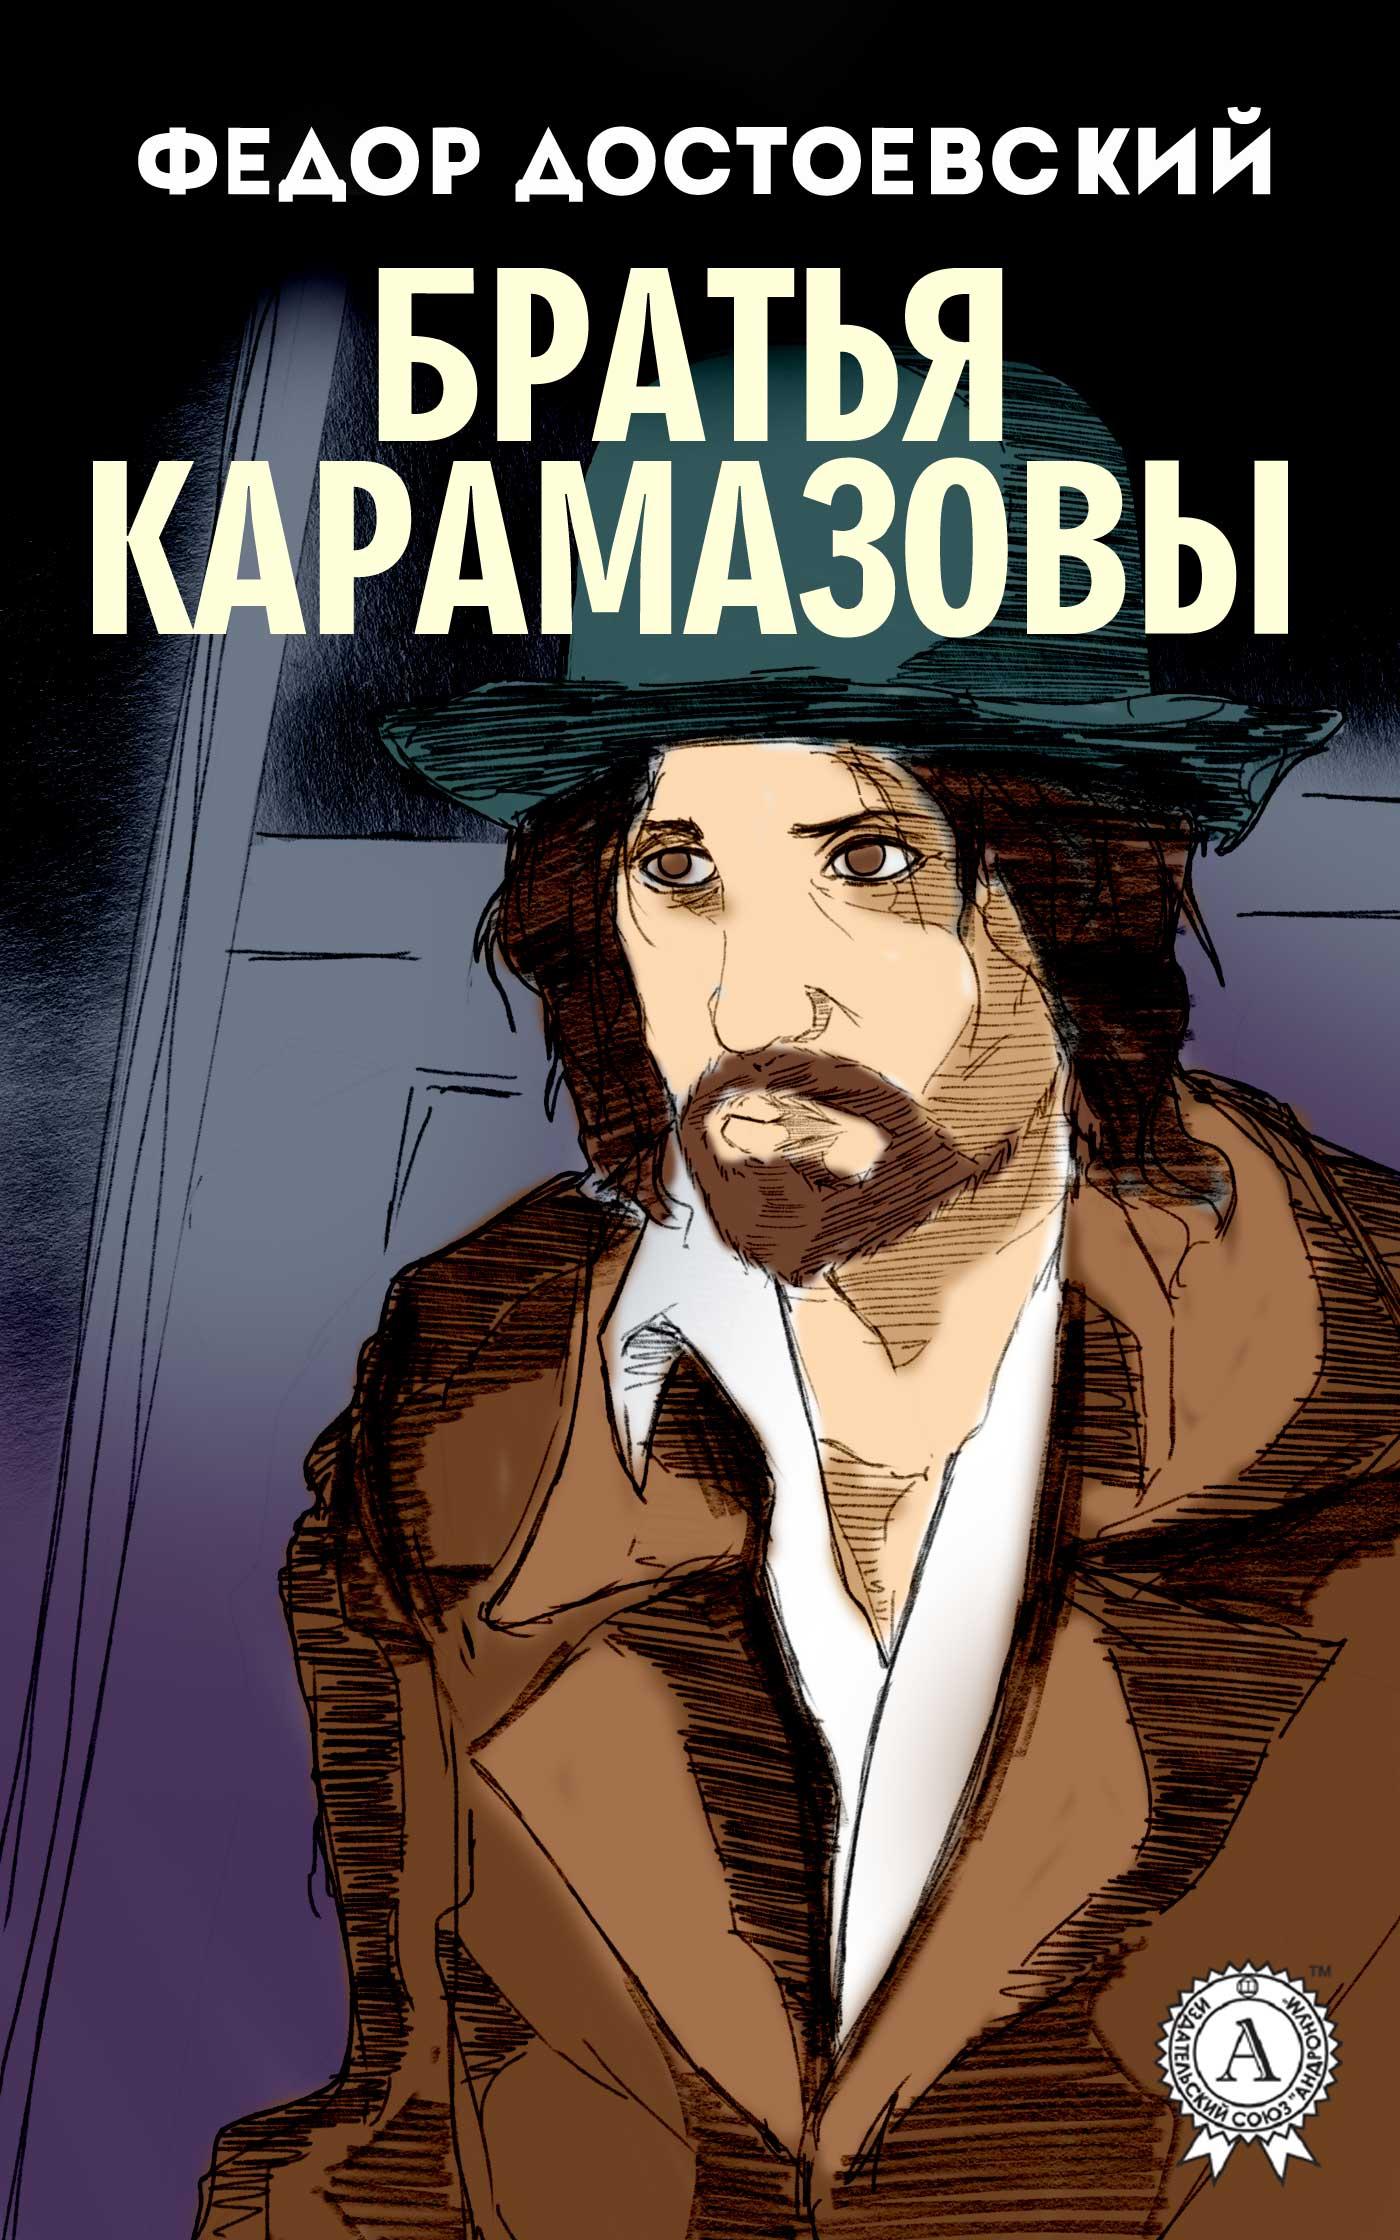 Федор Достоевский Братья Карамазовы (с иллюстрациями) братья карамазовы части 3 4 2 cdmp3